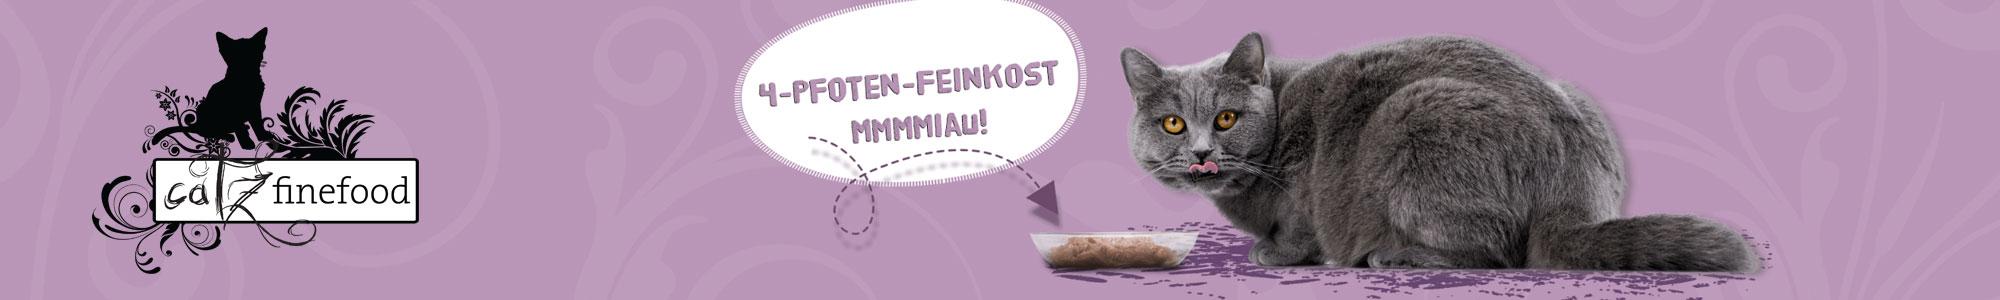 catz finefood Katzenfutter